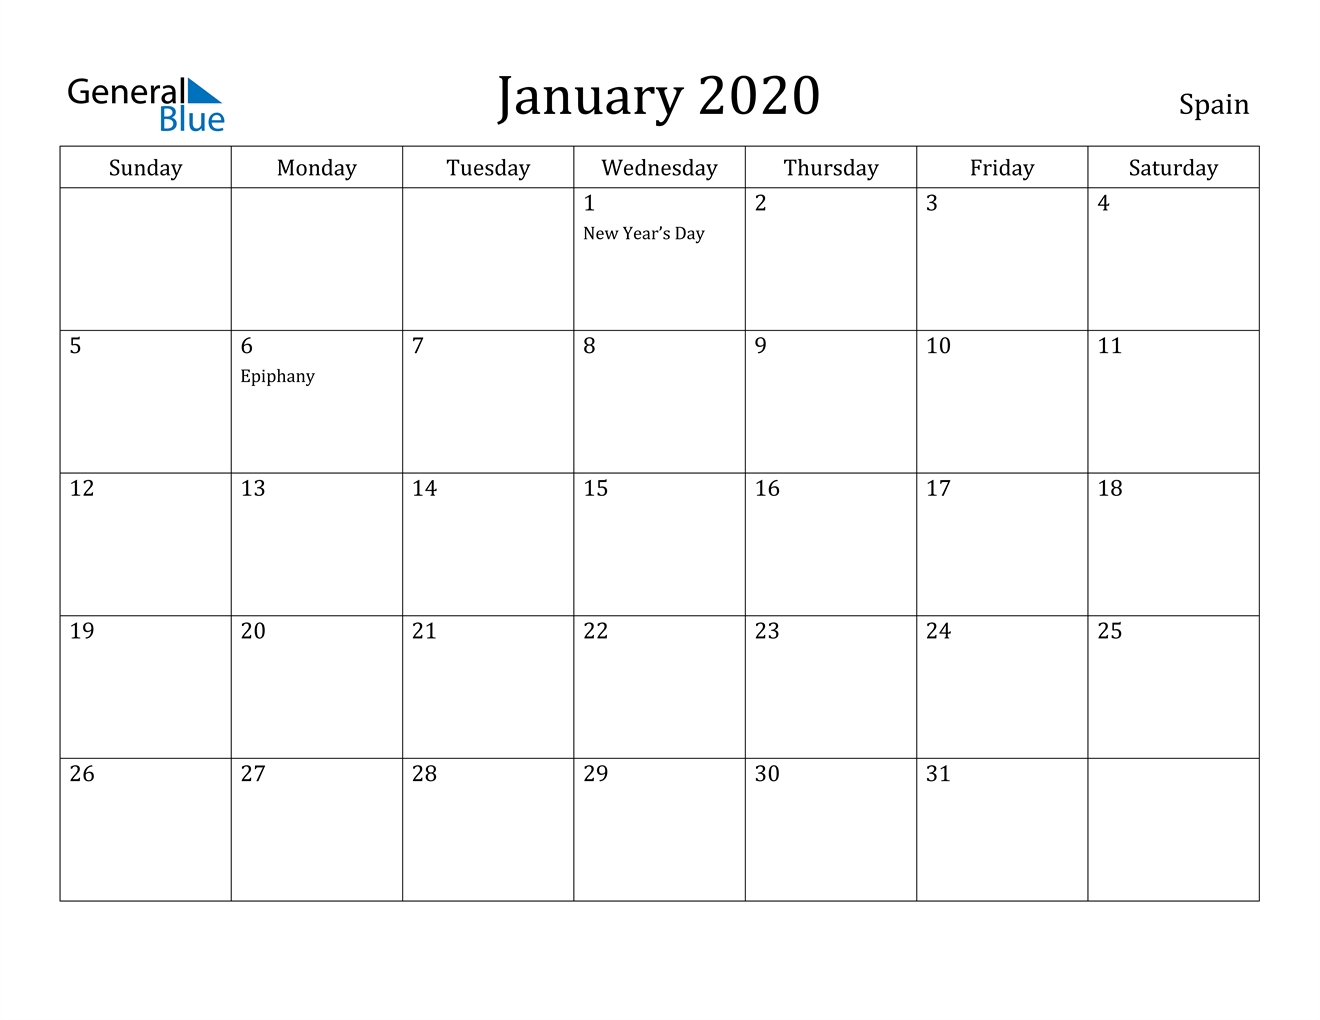 January 2020 Calendar - Spain